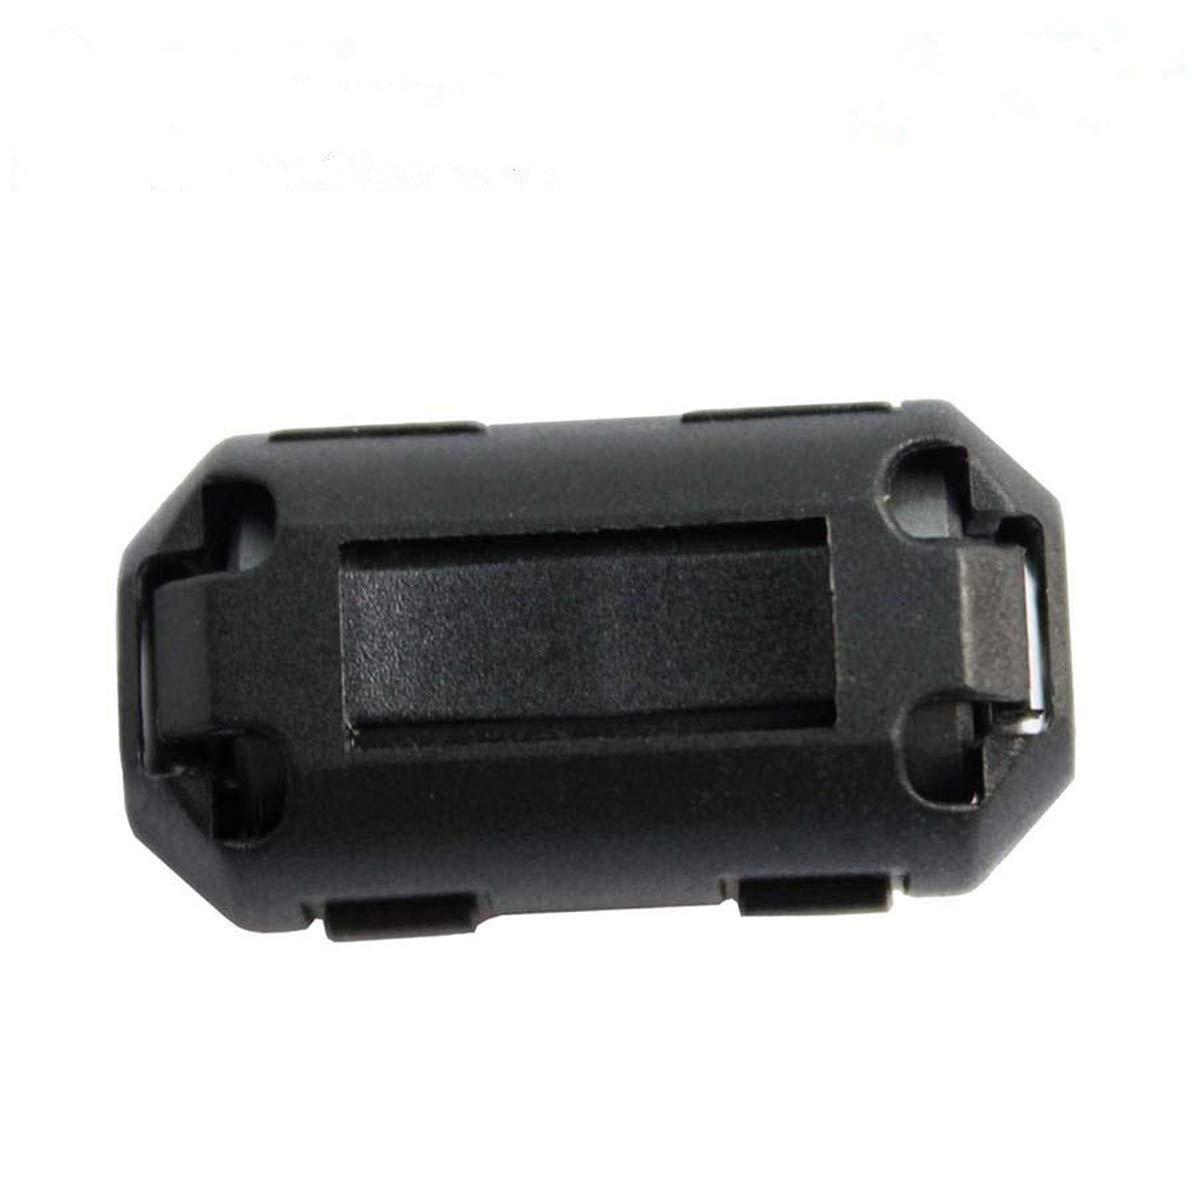 100ea inner 7mm clip EMI ferrite bead for USB HDMI digital power cable wire UF70B ferrite core